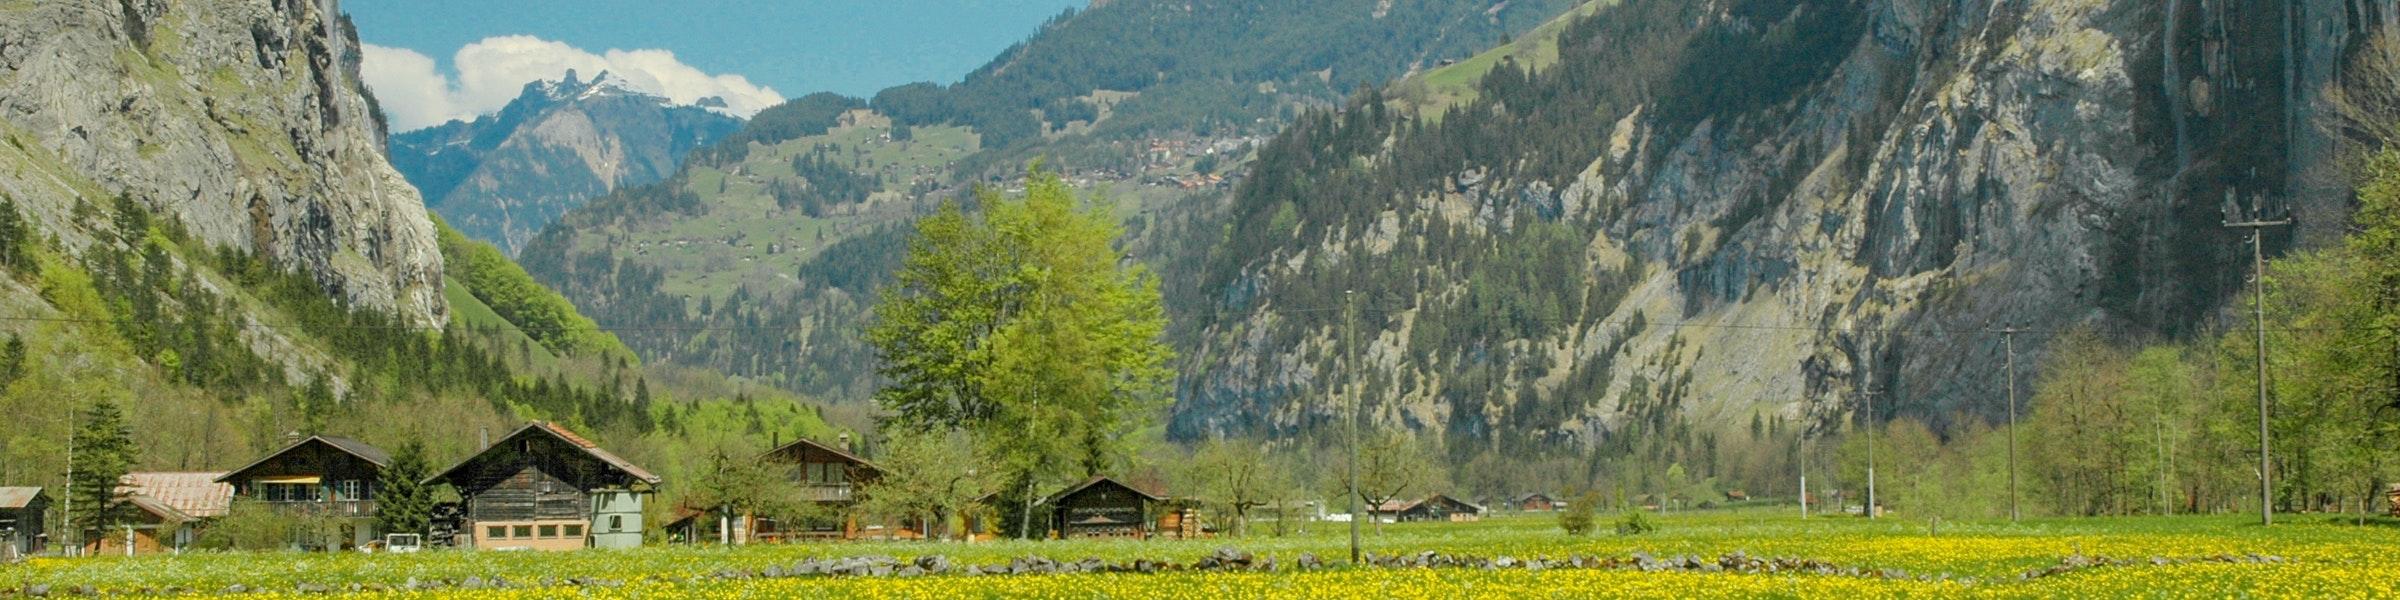 Lauterbrunnen valley seen from Stechelberg